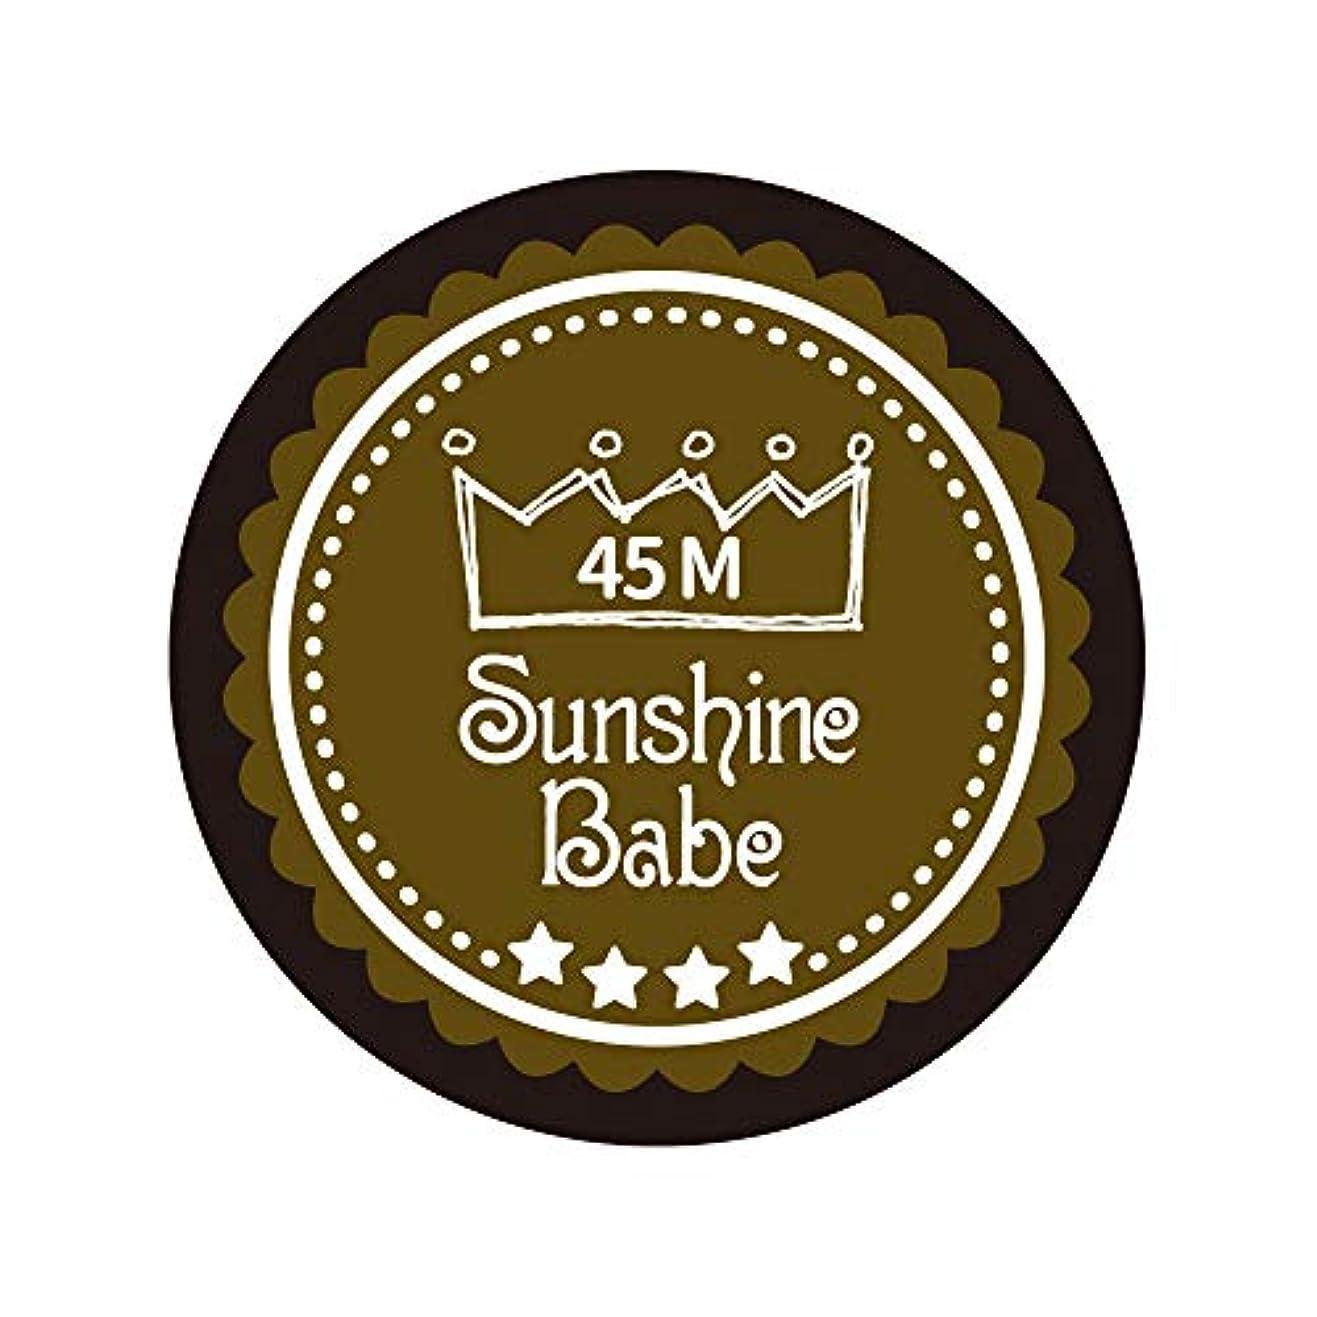 ポイントオーバーラン説明的Sunshine Babe カラージェル 45M マティーニオリーブ 4g UV/LED対応